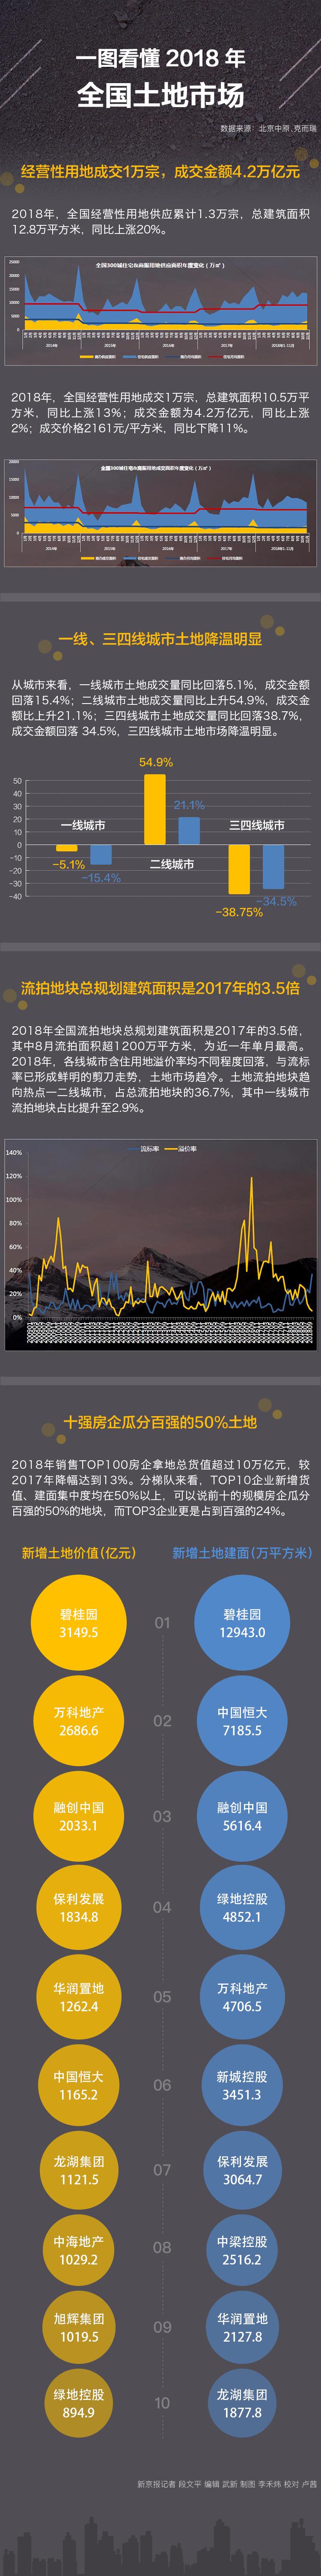 去年全国流拍土地总建面达上年3.5倍 碧桂园拿地最猛-中国网地产